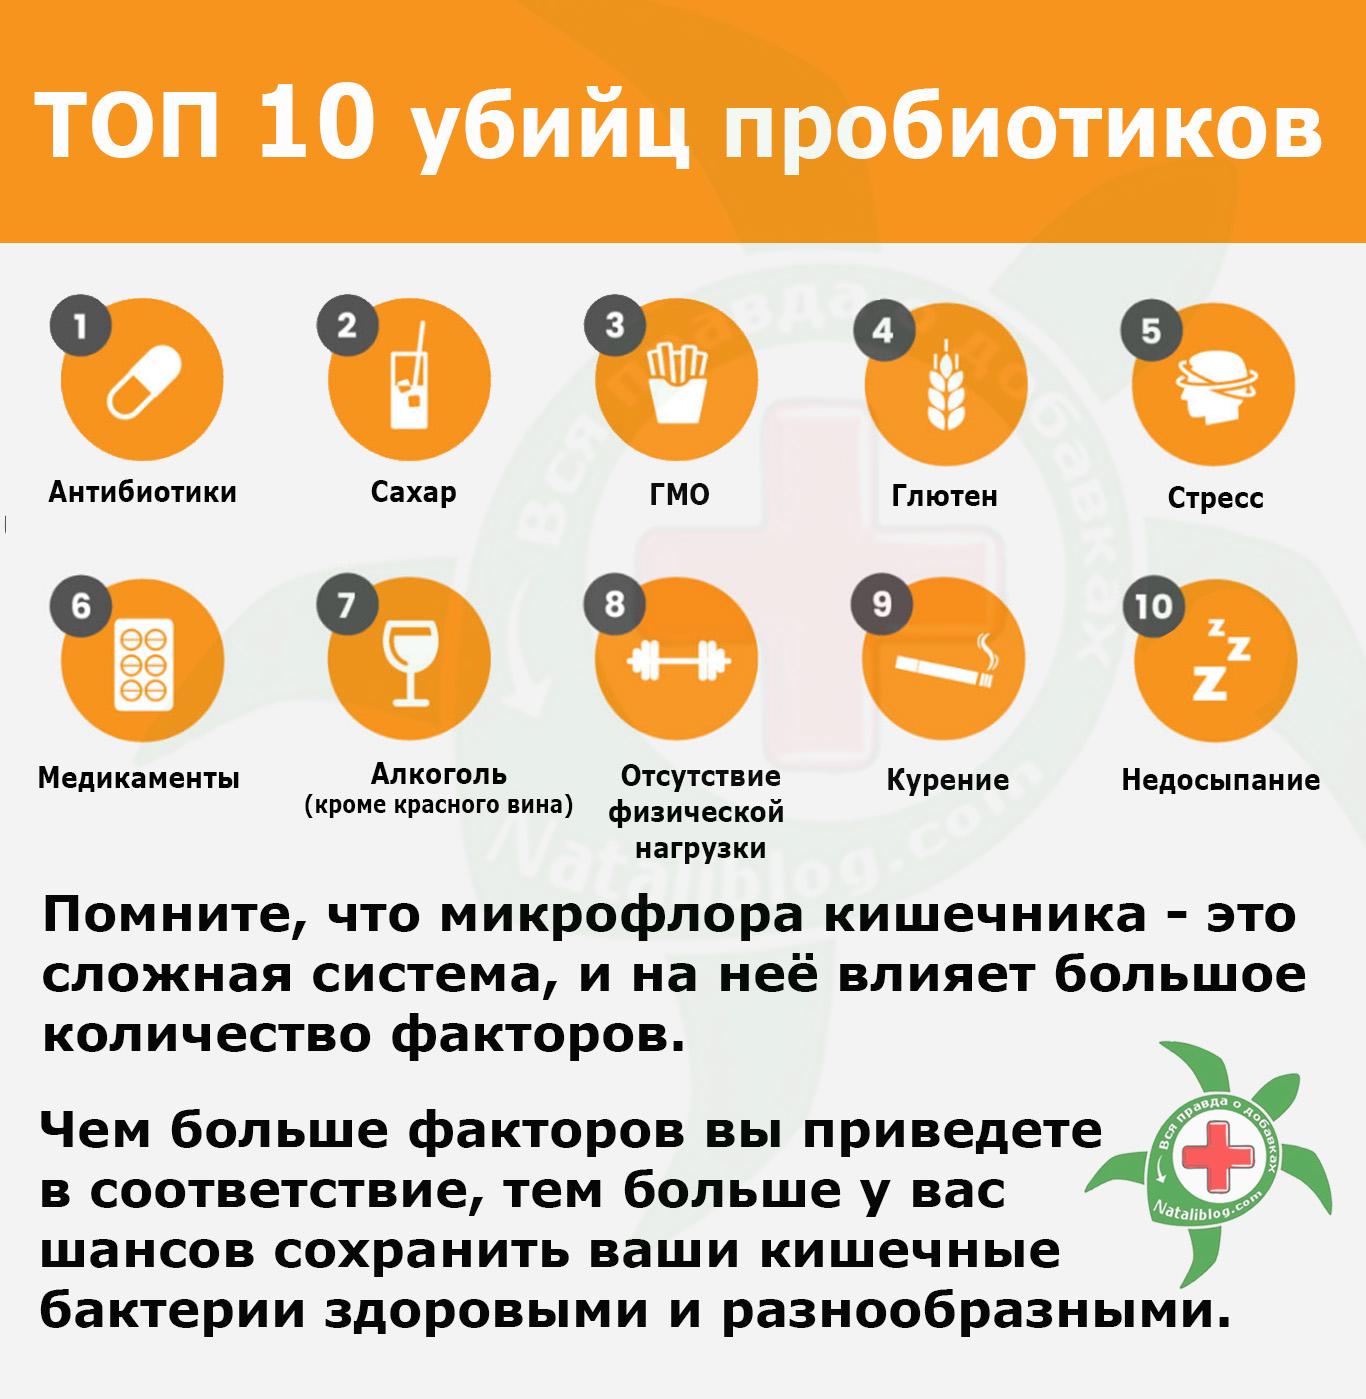 Топ 10 убийц пробиотиков